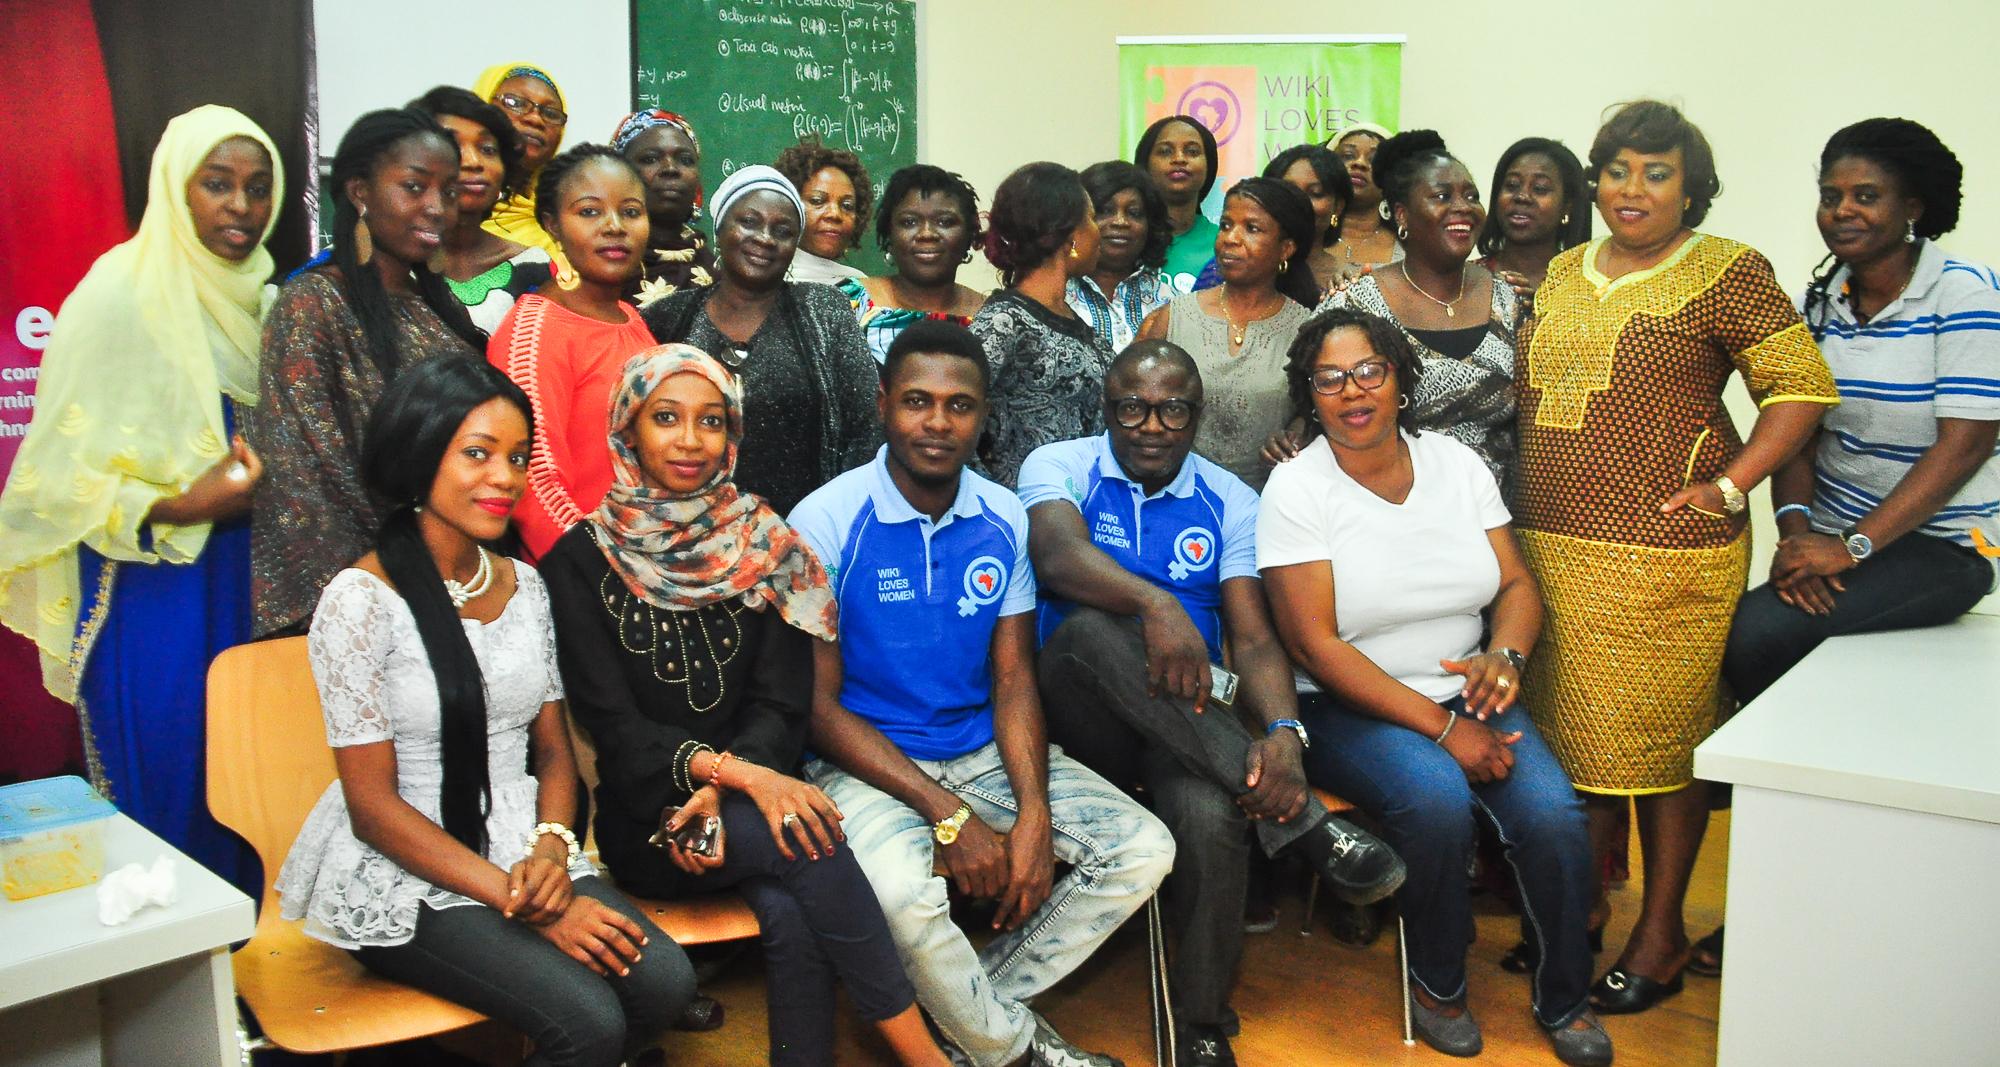 Wiki Loves Women redéfinit l'identité de la femme nigériane à travers Wikipédia